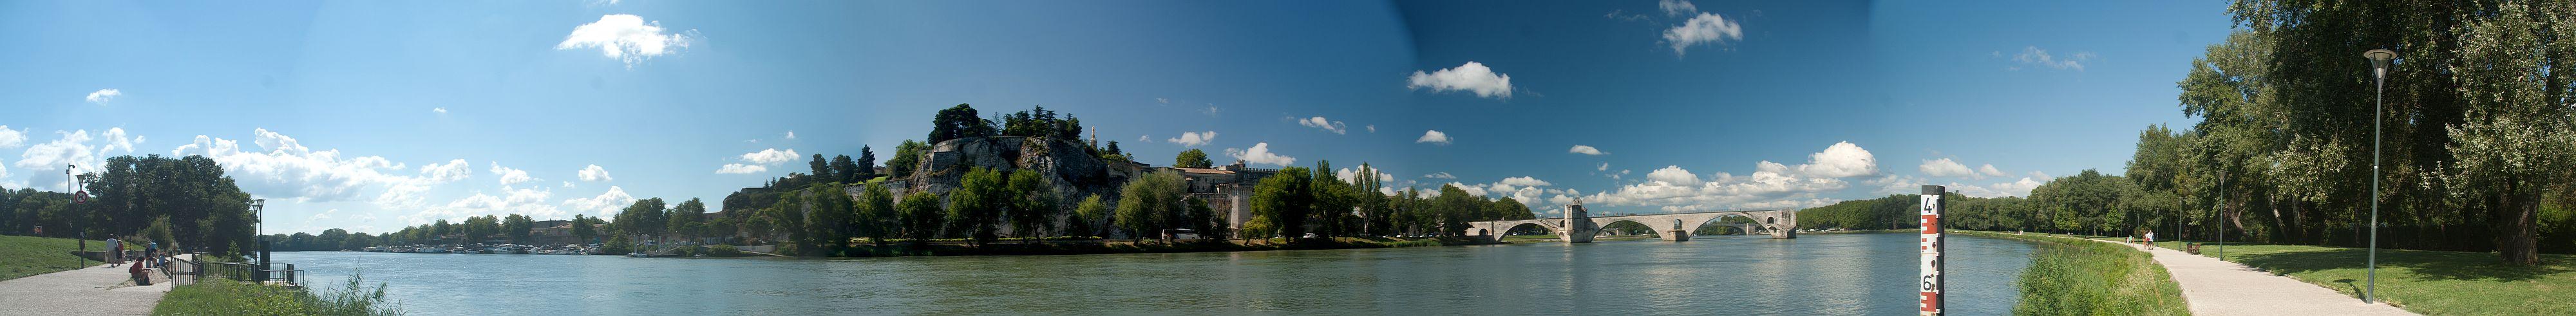 Avignon gezien vanaf de overkant van de Rhone